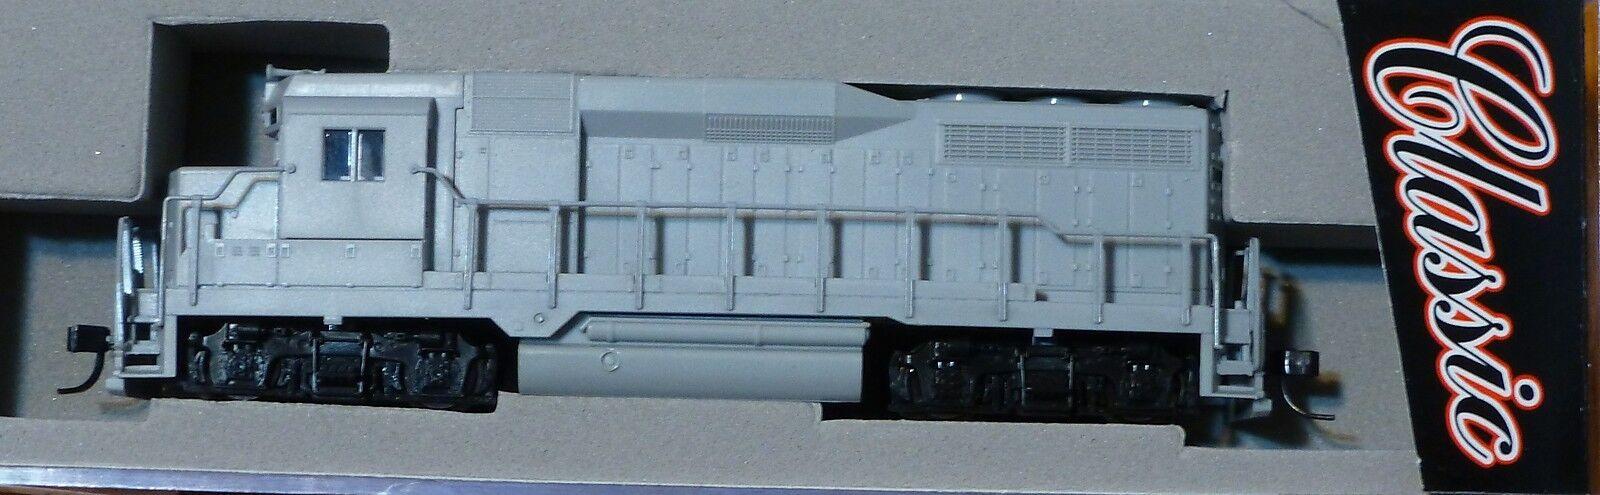 Atlas N Undekotrad GP -30 Fas 1 (No No Nos Headlljus) (Locomotive) DC